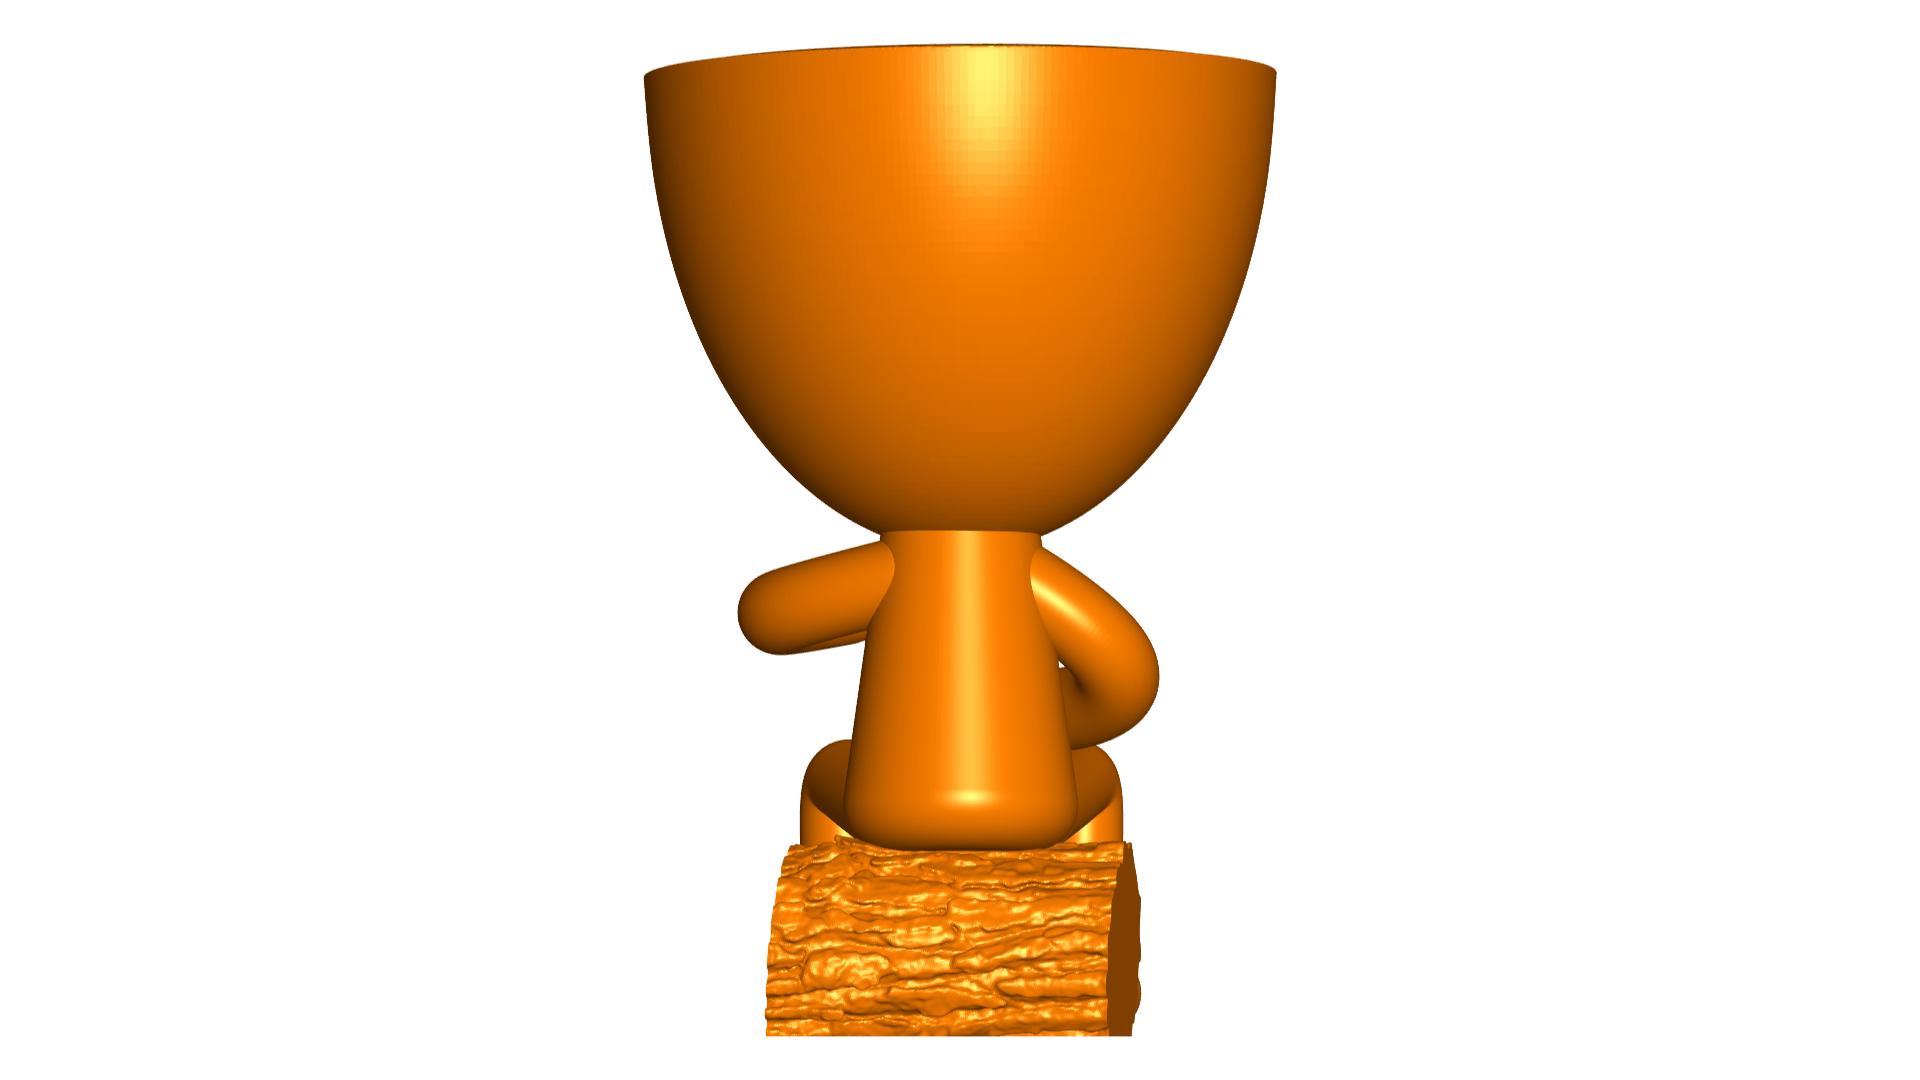 Robert Mate_4.png Télécharger fichier STL gratuit Vase pot de fleurs Argentine Uruguayen Mate Robert Plant - Vase pot de fleurs Argentine Uruguayen Mate Robert • Modèle imprimable en 3D, CREATIONSISHI